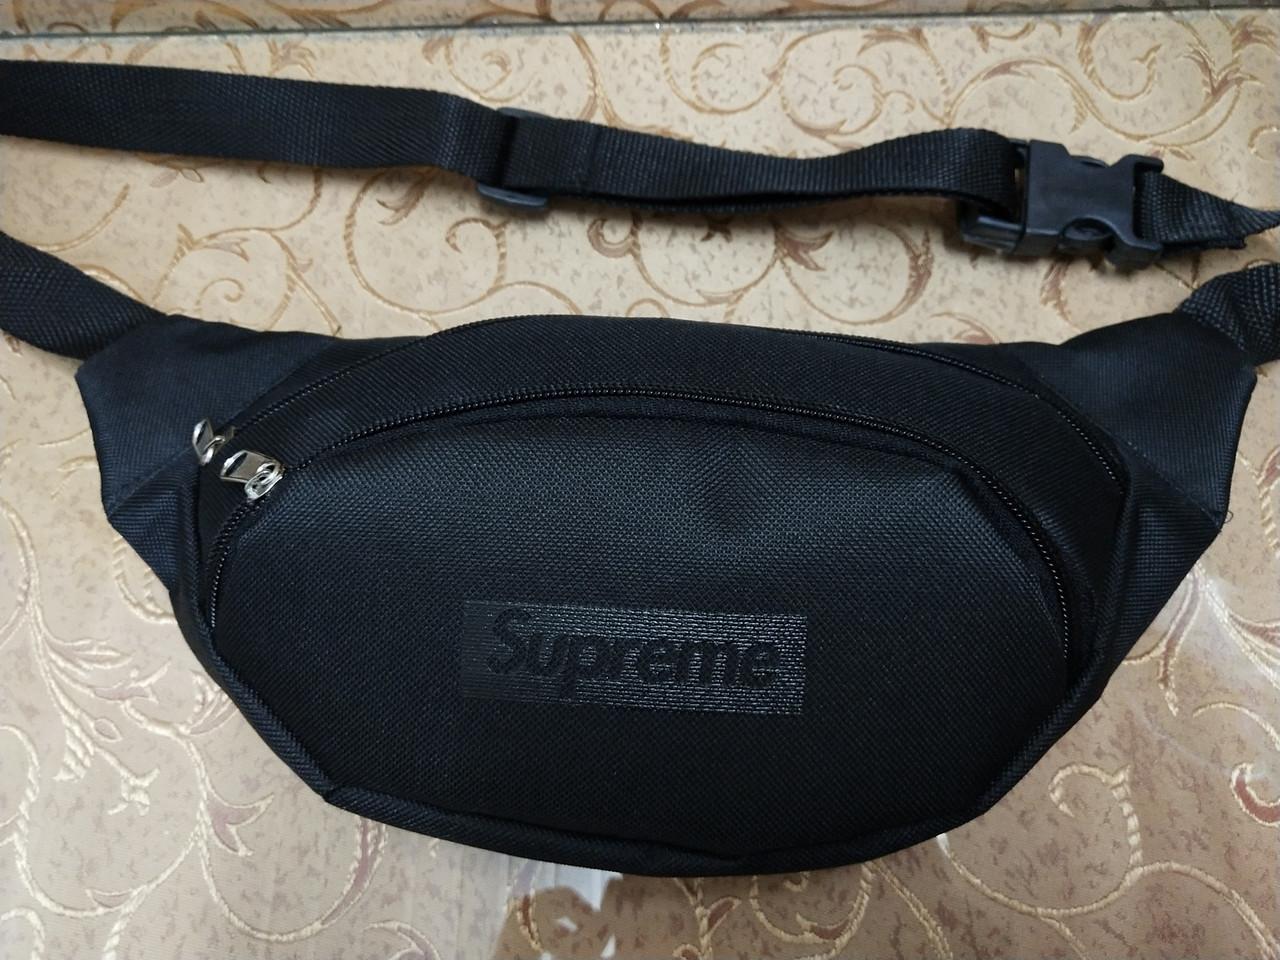 944b1291f3f4 Сумка на пояс Supreme 600D Спортивные барсетки сумка женский и мужские пояс  Бананка оптом -